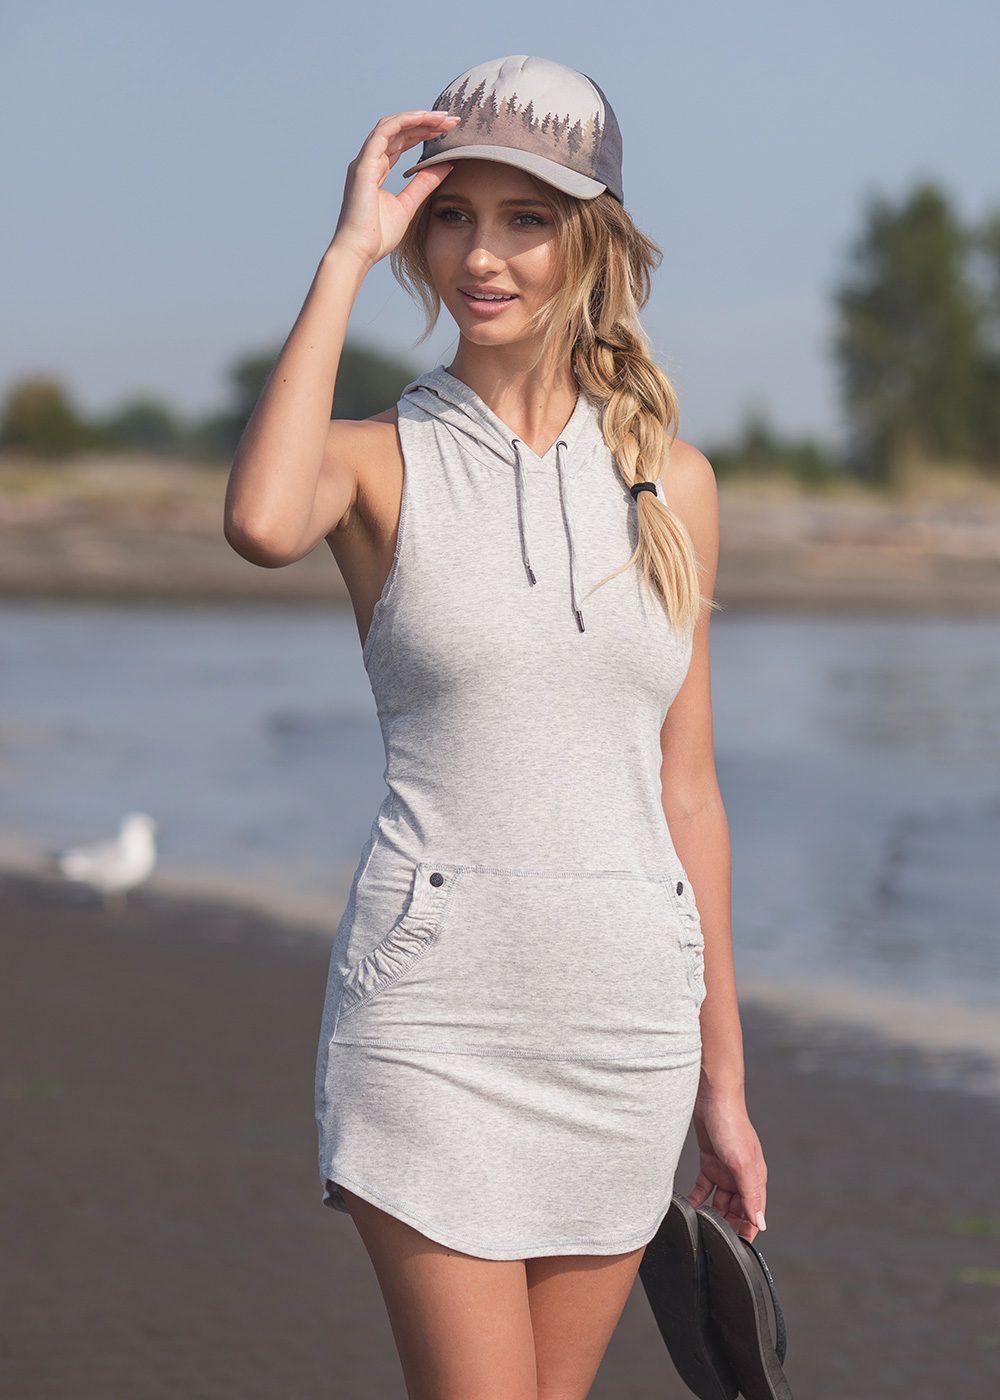 Molokai Tunic in Organic Cotton & Bamboo - Nomads Hemp Wear